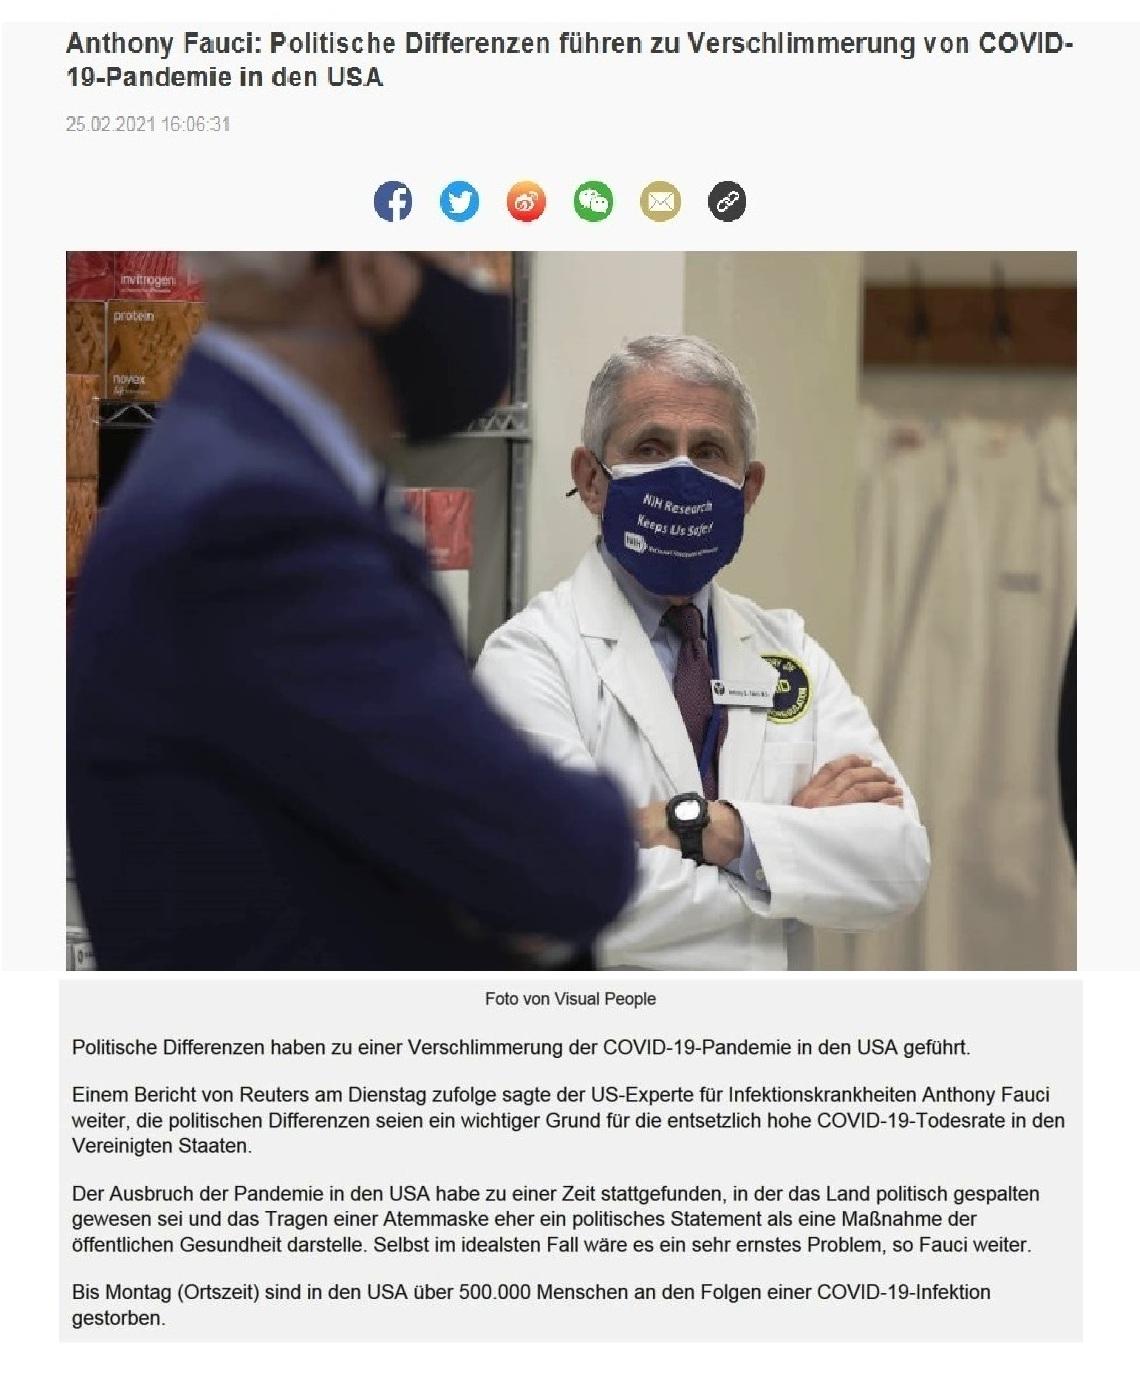 Anthony Fauci: Politische Differenzen führen zu Verschlimmerung von COVID-19-Pandemie in den USA - CRI online Deutsch - 25.02.2021 16:06:31